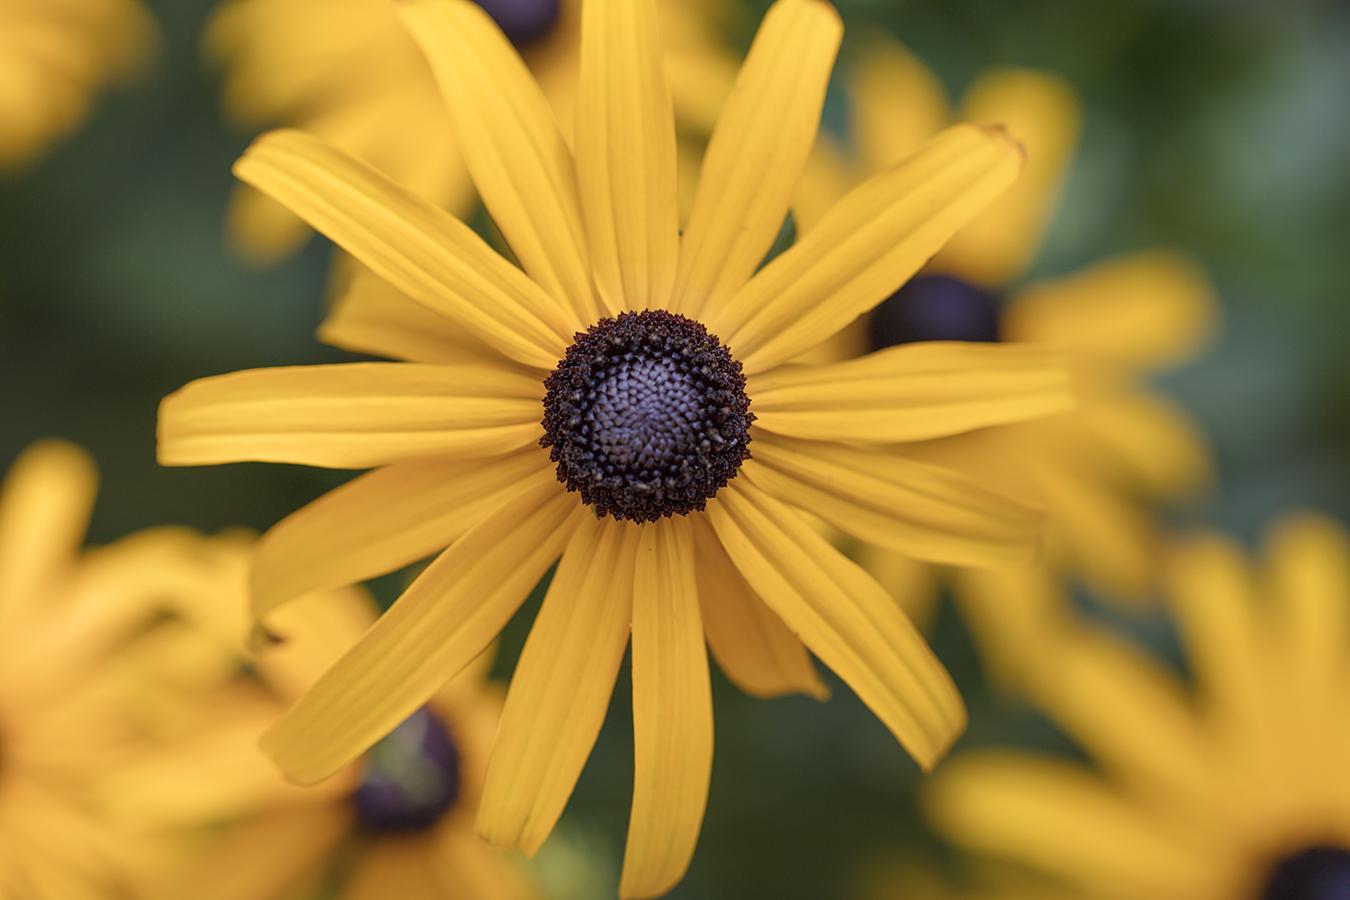 yellow flower botanical macro close up detail